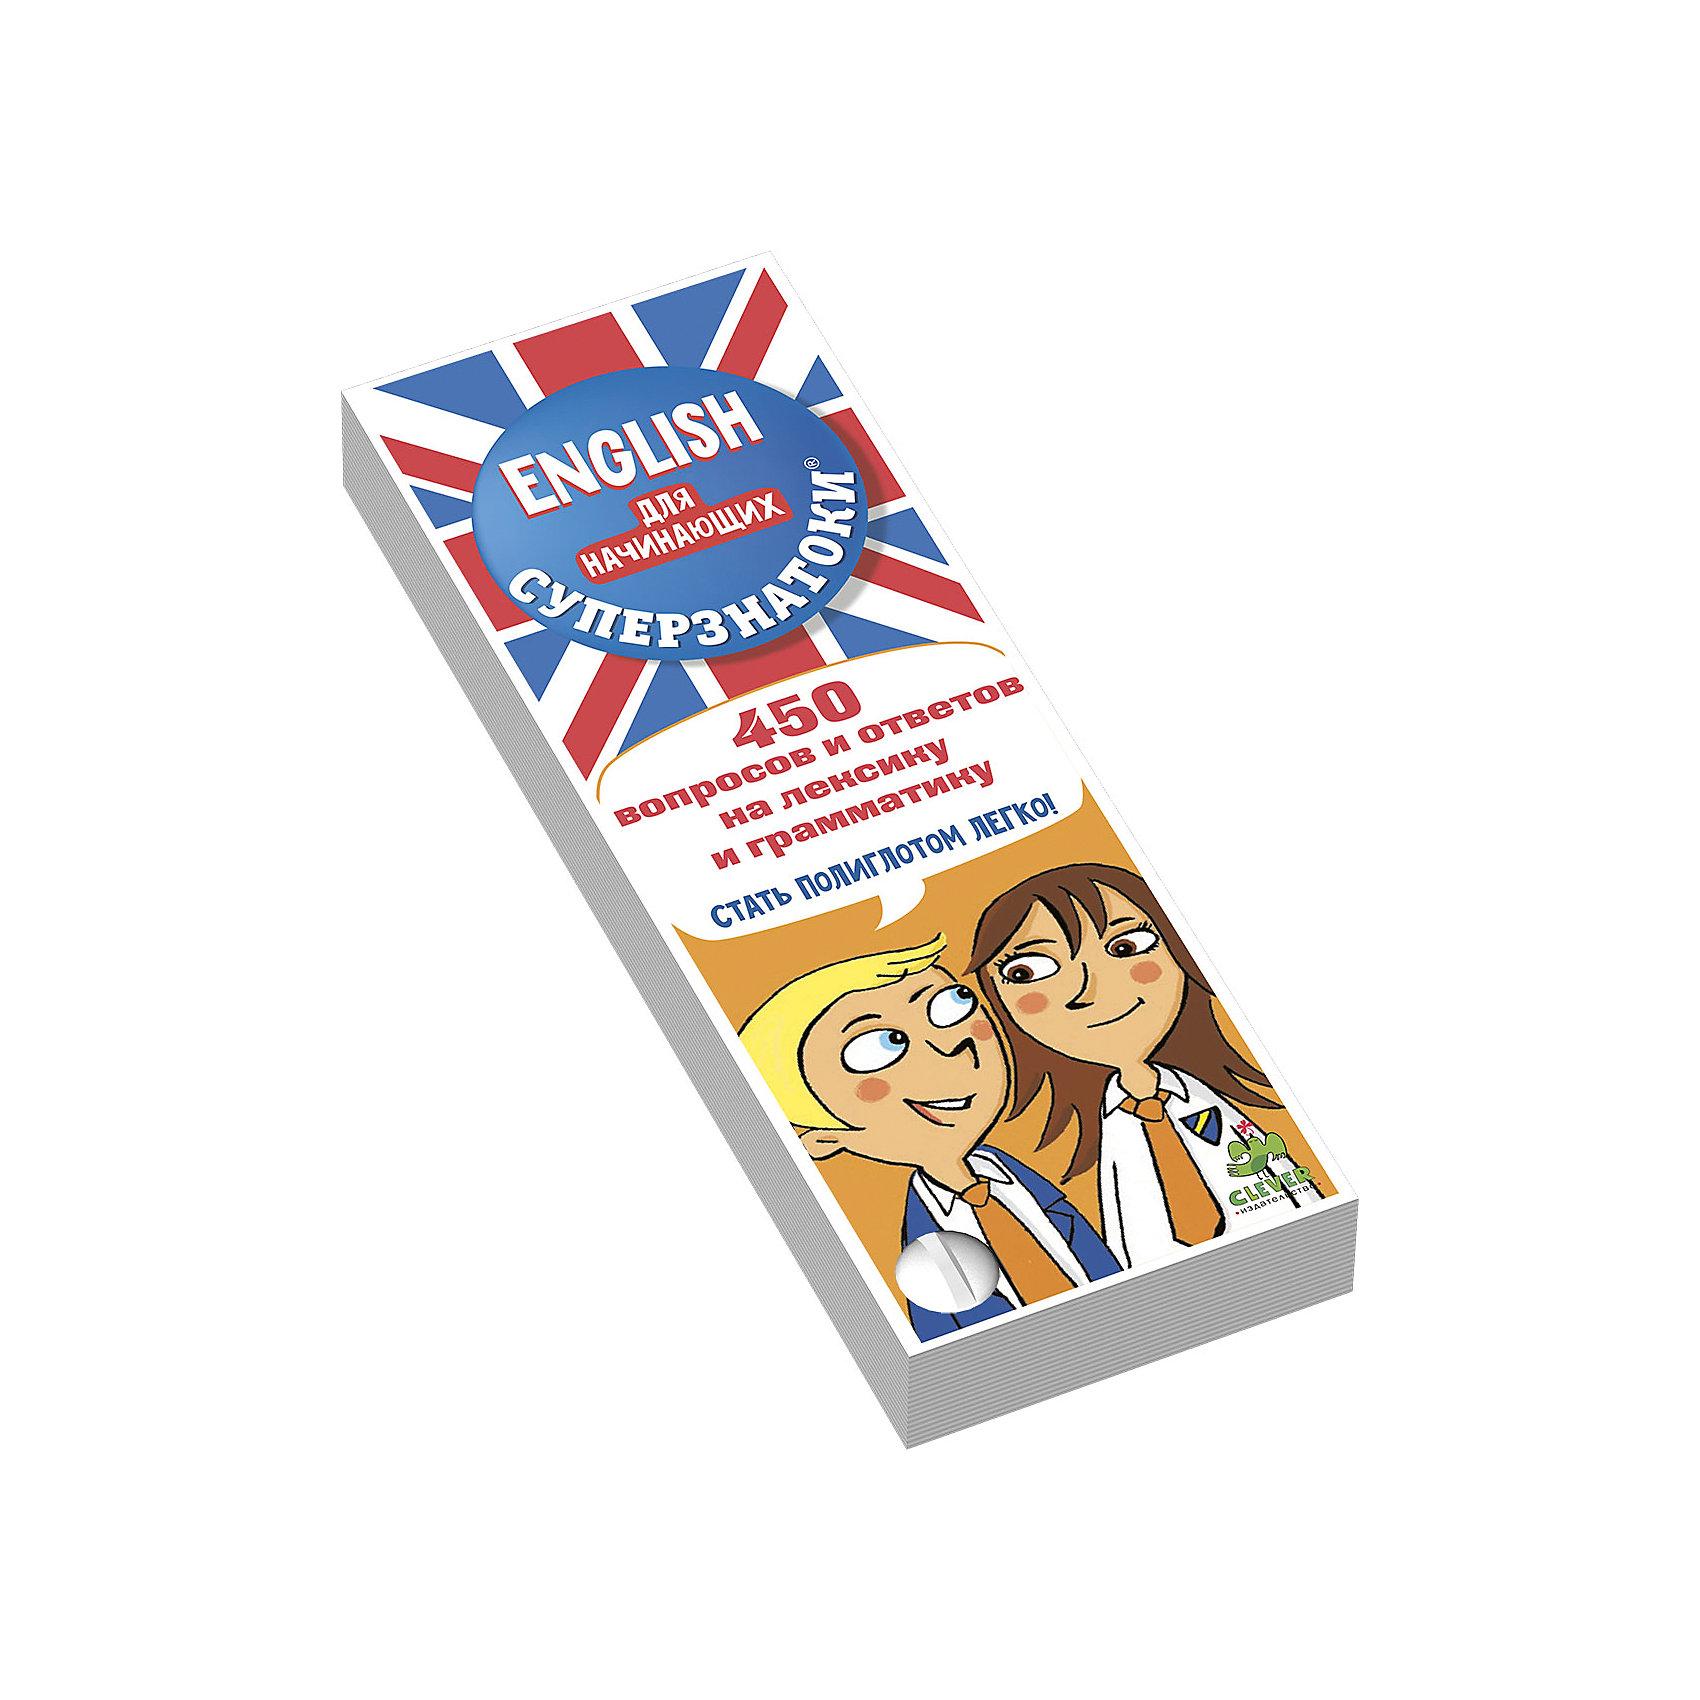 ENGLISH для начинающих 450 вопросов и ответов, СуперзнатокиИностранный язык<br>ENGLISH для начинающих 450 вопросов и ответов, Суперзнатоки<br><br>Характеристики:<br><br>• карточки 2-х видов: вопросы и ответы<br>• темы: разговорный английский, путешествия, быт, культура, грамматика, лексика, игры со словами<br>• удобно взять с собой в дорогу<br>• издательство: Клевер-Медиа-Групп<br>• ISBN: 978-5-906824-62-2<br>• количество страниц: 132<br>• размер упаковки: 2х6х17,2 см<br>• вес: 200 грамм<br><br>450 вопросов и ответов - удобное пособие для изучения английского языка. В комплект входят карточки в виде веера. Обучение возможно по нескольким темам: разговорный английский, путешествия, быт, культура, грамматика, лексика, игры со словами. На одних карточках напечатаны вопросы, а на других - ответы. Удобный формат позволяет заниматься обучением даже вне дома.<br><br>ENGLISH для начинающих 450 вопросов и ответов, Суперзнатоки можно купить в нашем интернет-магазине.<br><br>Ширина мм: 172<br>Глубина мм: 60<br>Высота мм: 20<br>Вес г: 200<br>Возраст от месяцев: 84<br>Возраст до месяцев: 132<br>Пол: Унисекс<br>Возраст: Детский<br>SKU: 5377857